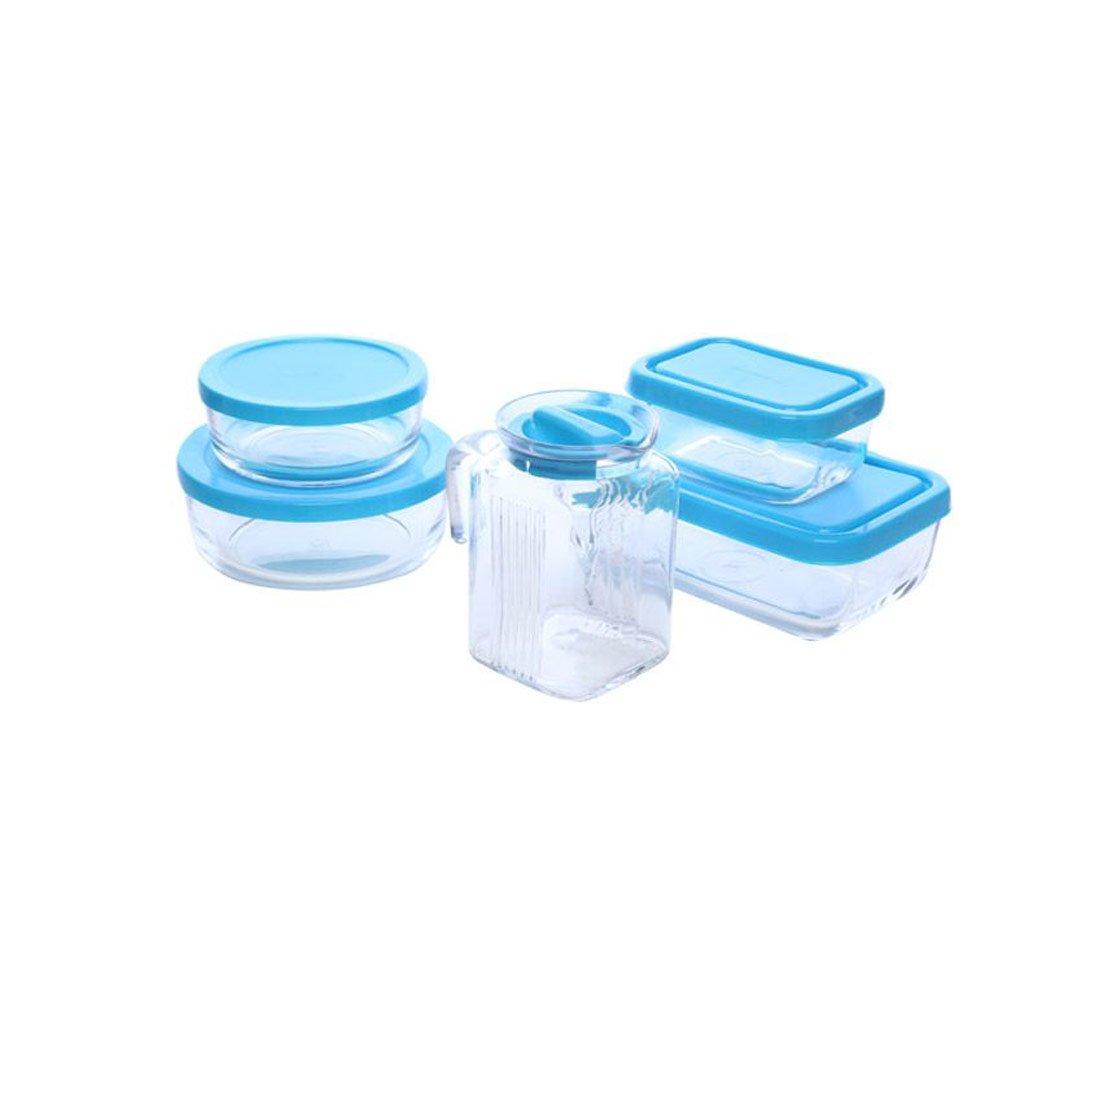 Pasabahce Polar - Juego de 5recipientes, Cristal, Transparente 172739